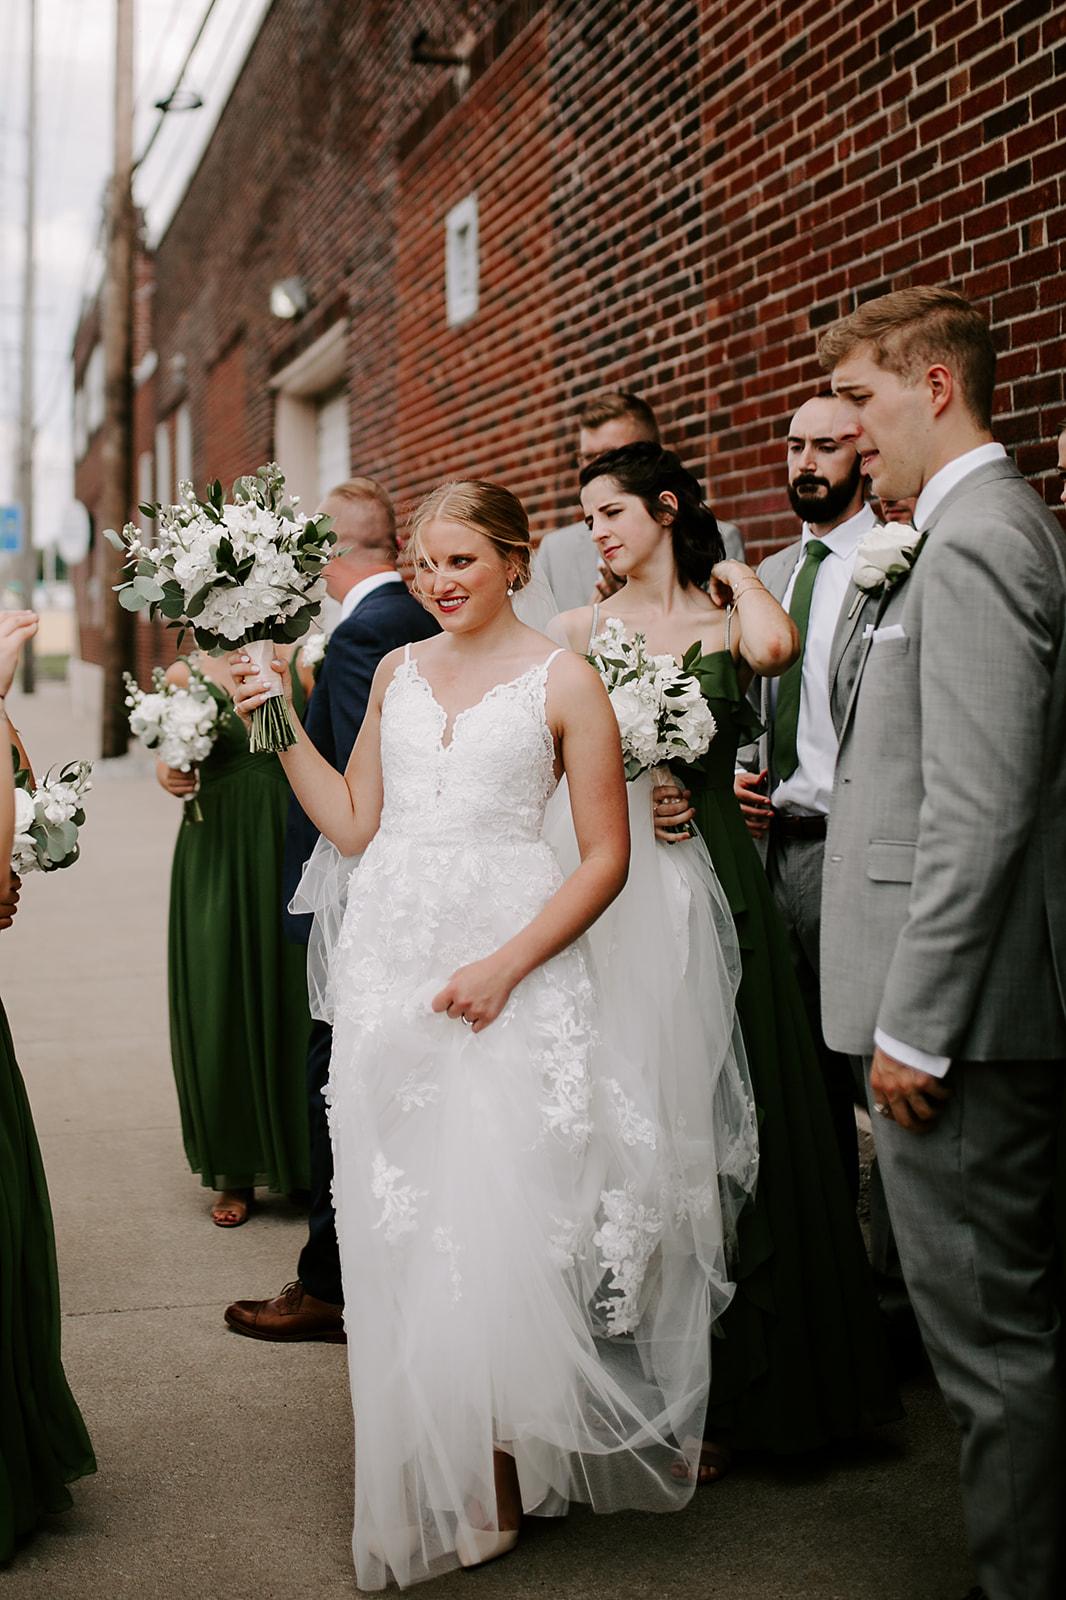 Rachel and Elliot Tinker House Wedding Indianapolis Indiana Emily Elyse Wehner Photography LLC393.jpg